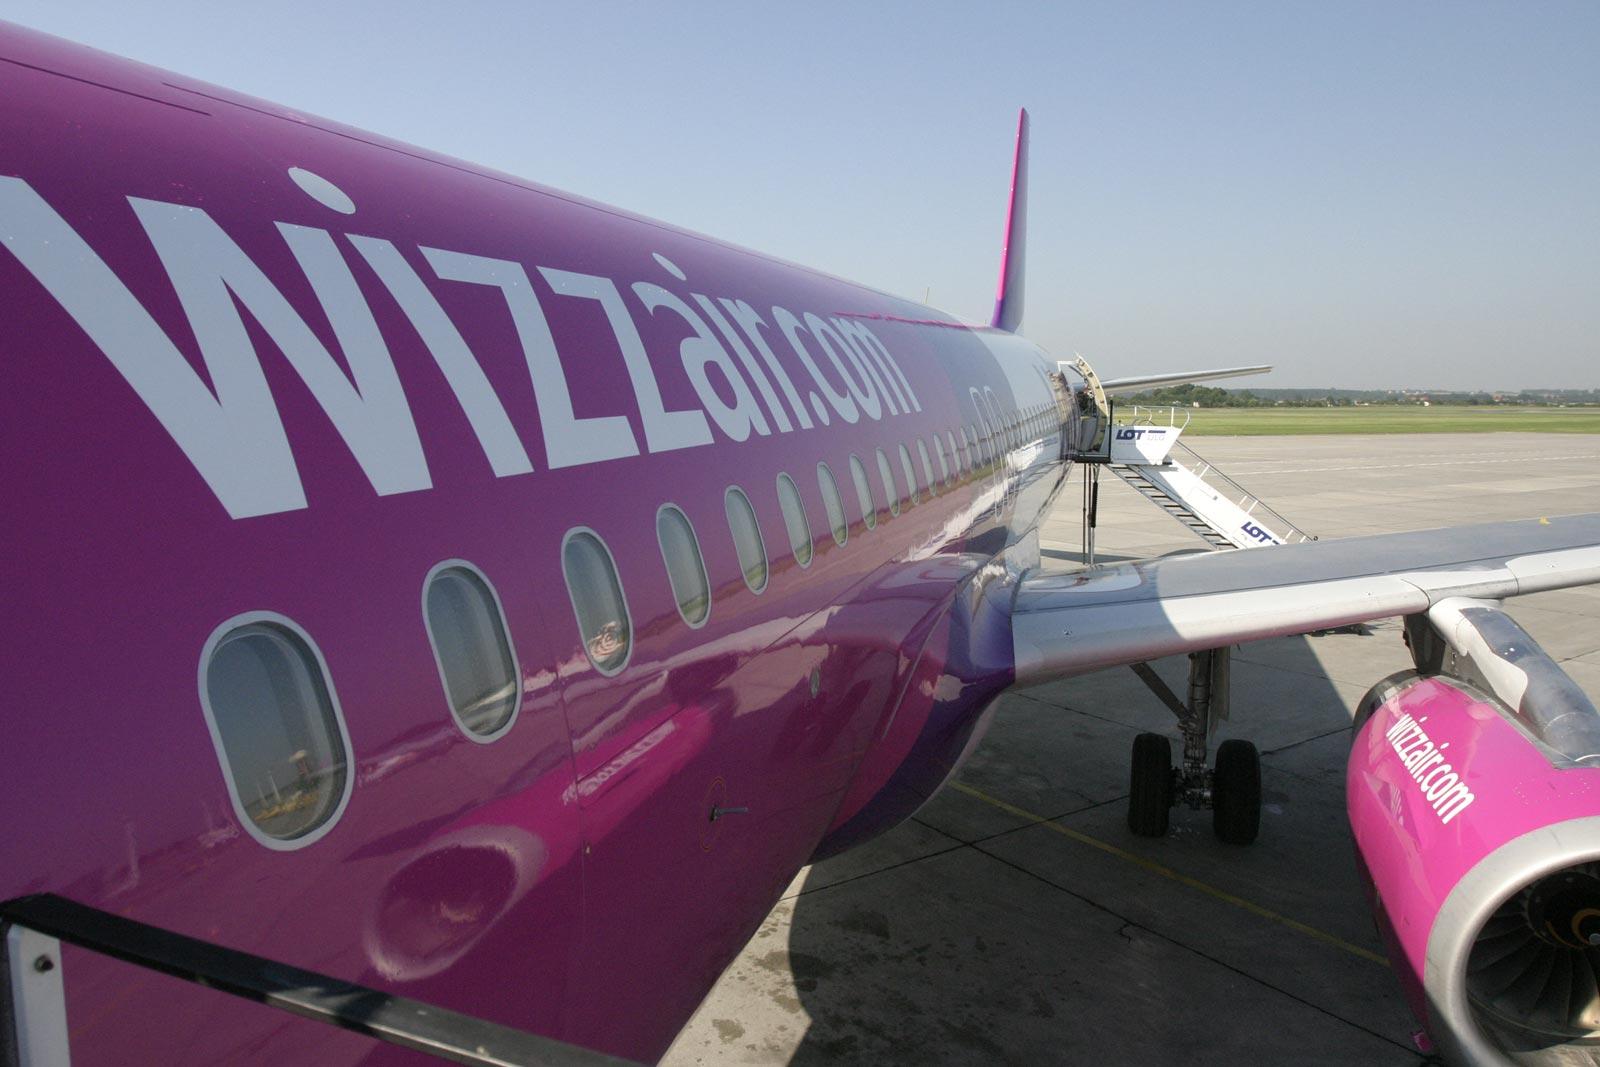 6e405f277a97 Eddig 33 célállomásra repültek Budapestről, és 2,5 millió székkapacitást  értékesítettek évente. A vadonatúj géppel együtt összesen 300 millió eurót  ...